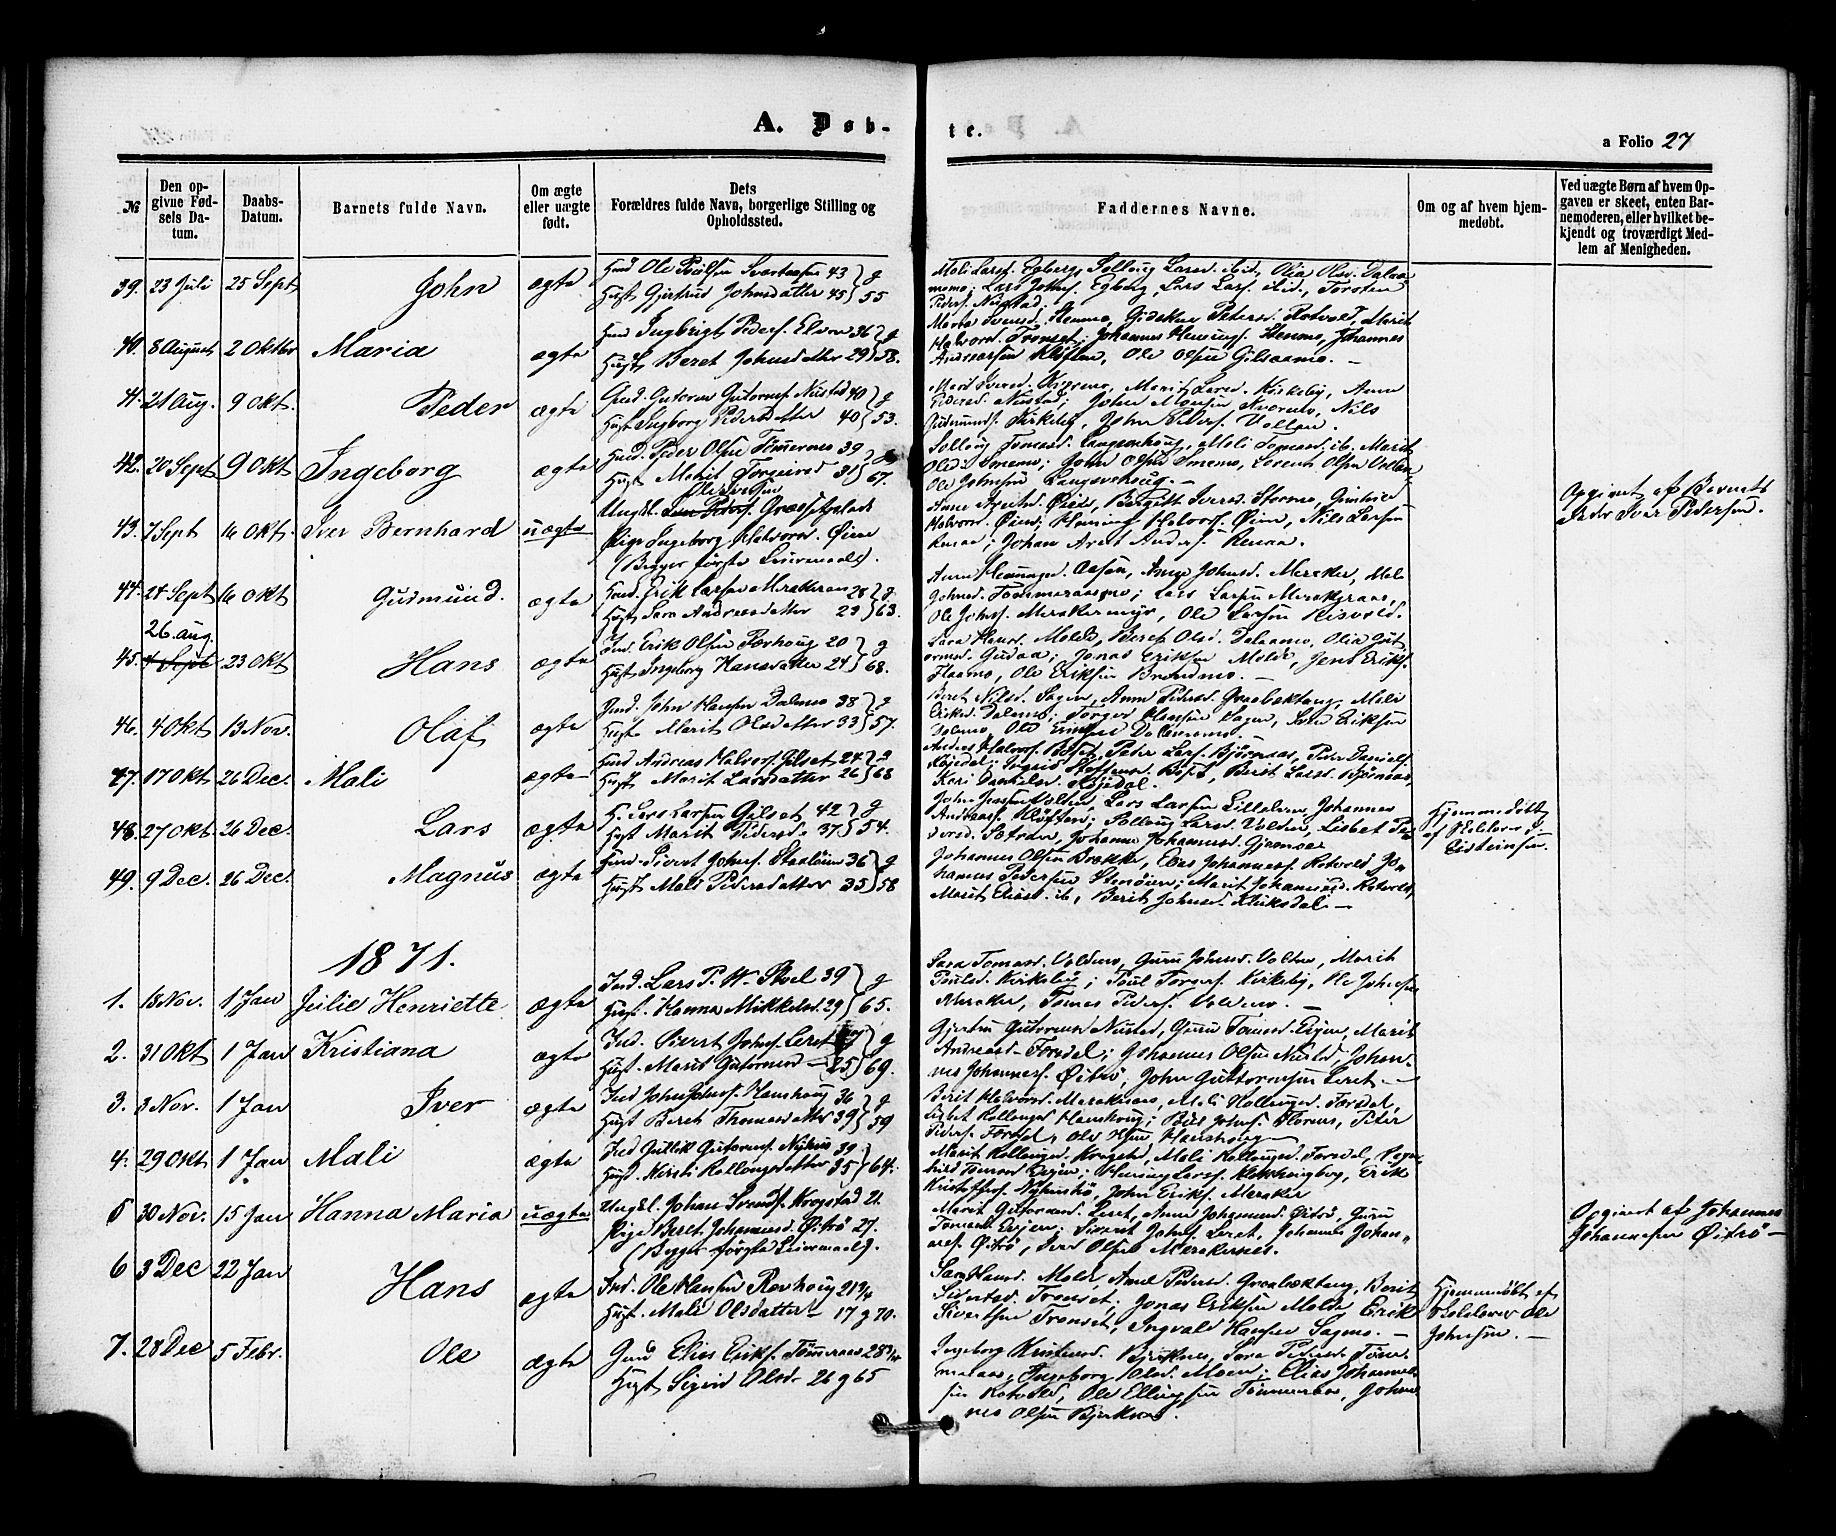 SAT, Ministerialprotokoller, klokkerbøker og fødselsregistre - Nord-Trøndelag, 706/L0041: Ministerialbok nr. 706A02, 1862-1877, s. 27